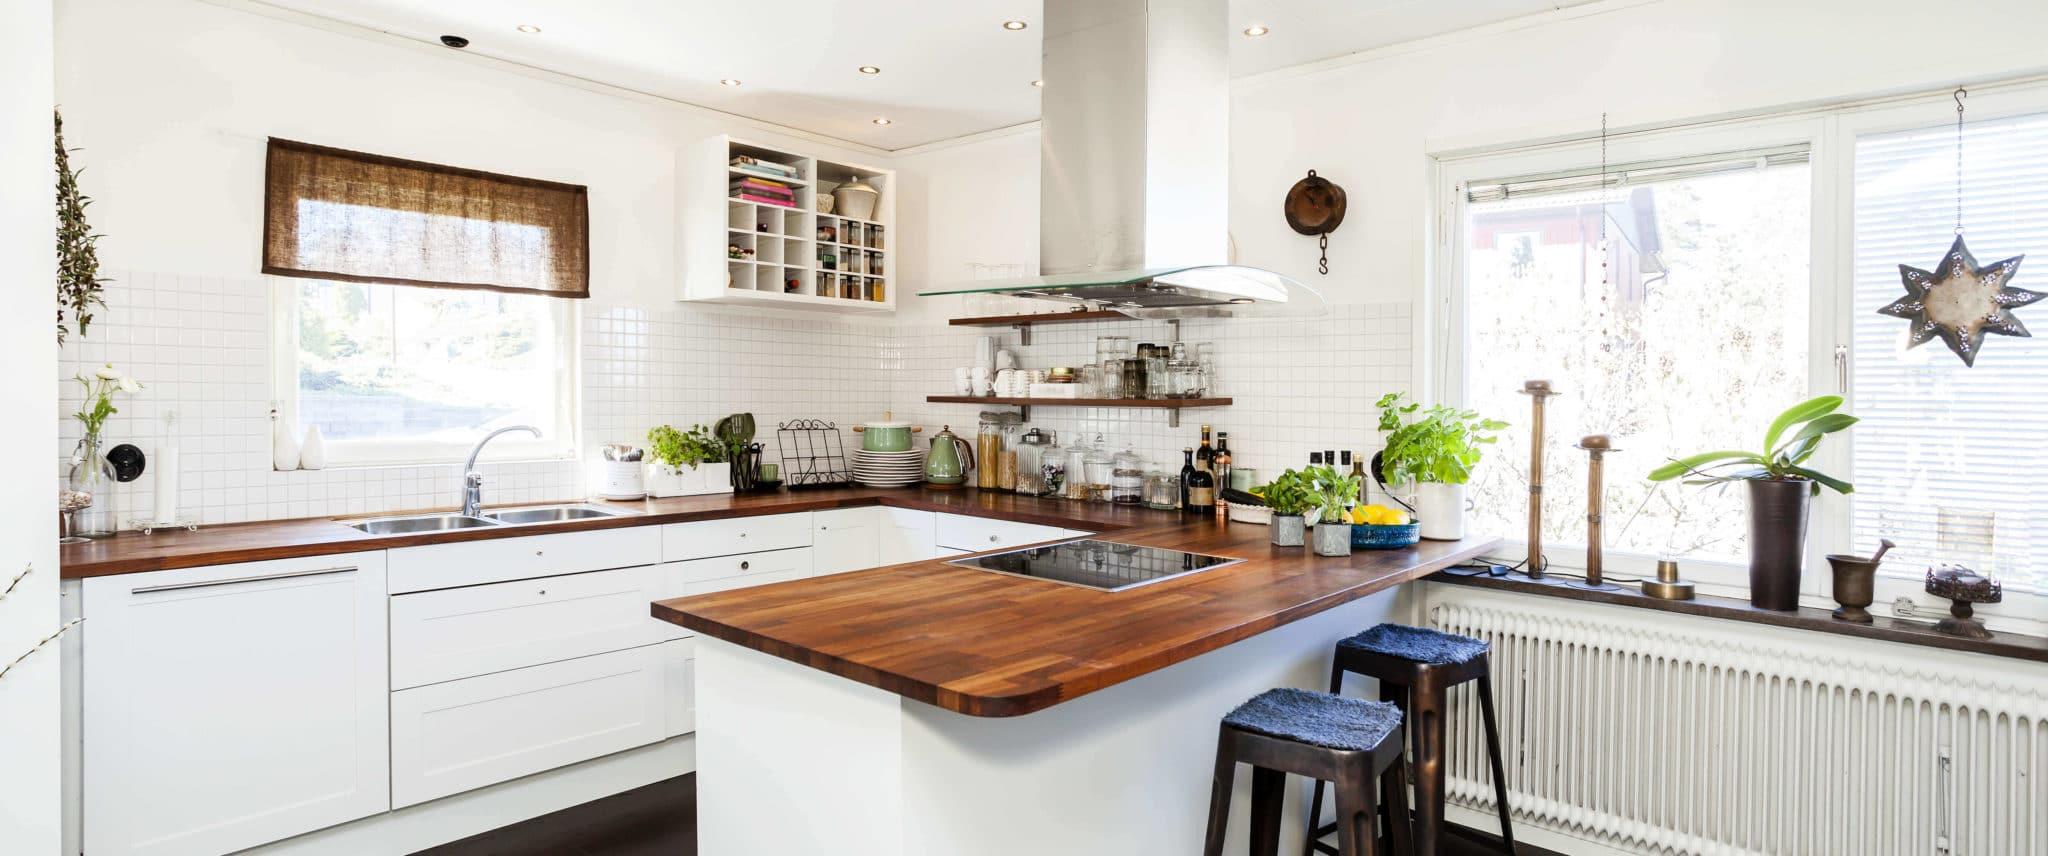 Cocina con península y encimera de madera - como limpiar la encimera de cocina